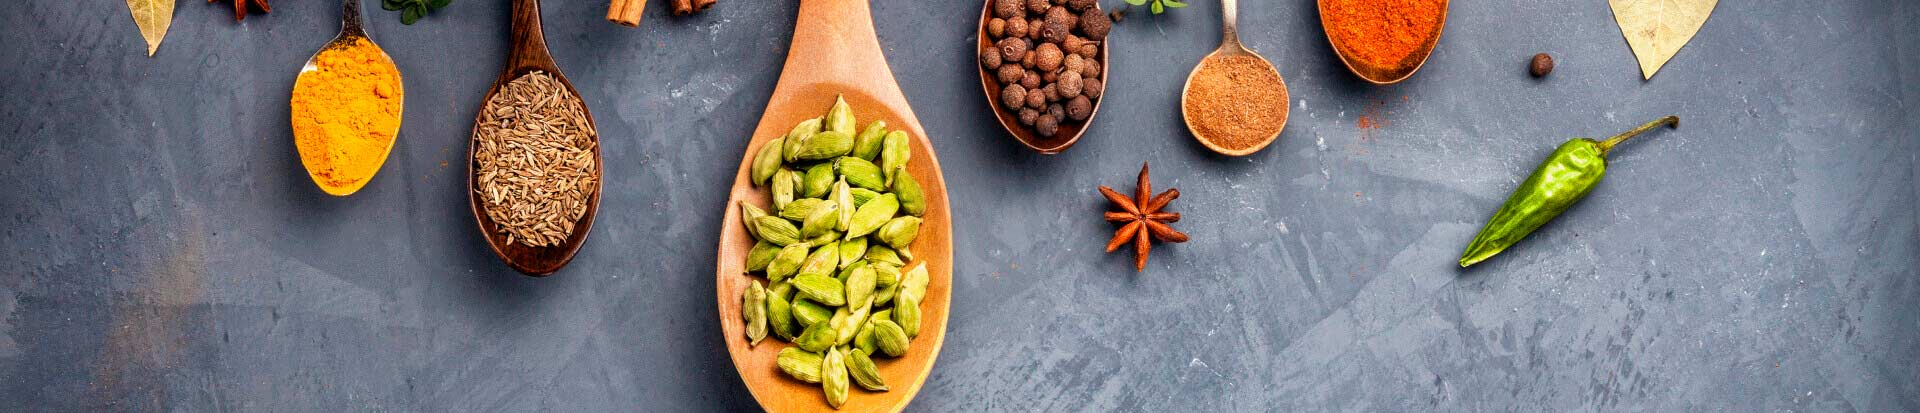 Consulta en nutrición y alimentación Ayurveda